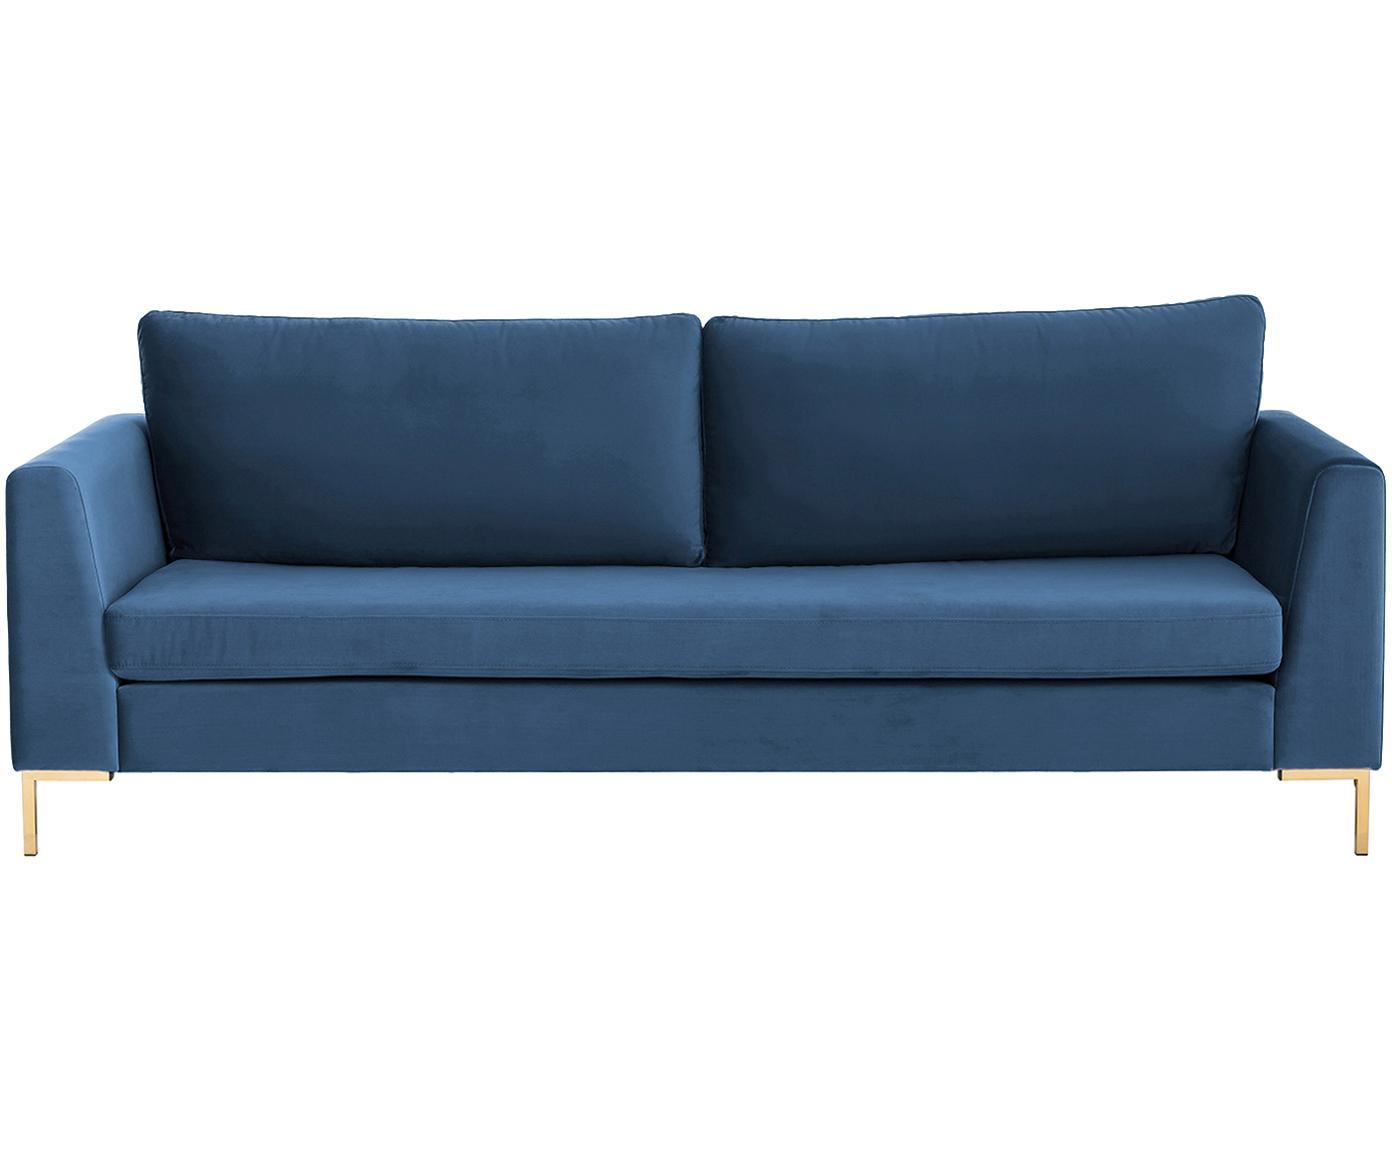 Divano 3 posti in velluto blu Luna, Rivestimento: velluto (poliestere) 80.0, Struttura: legno di faggio massiccio, Piedini: metallo zincato, Blu, Larg. 230 x Prof. 95 cm